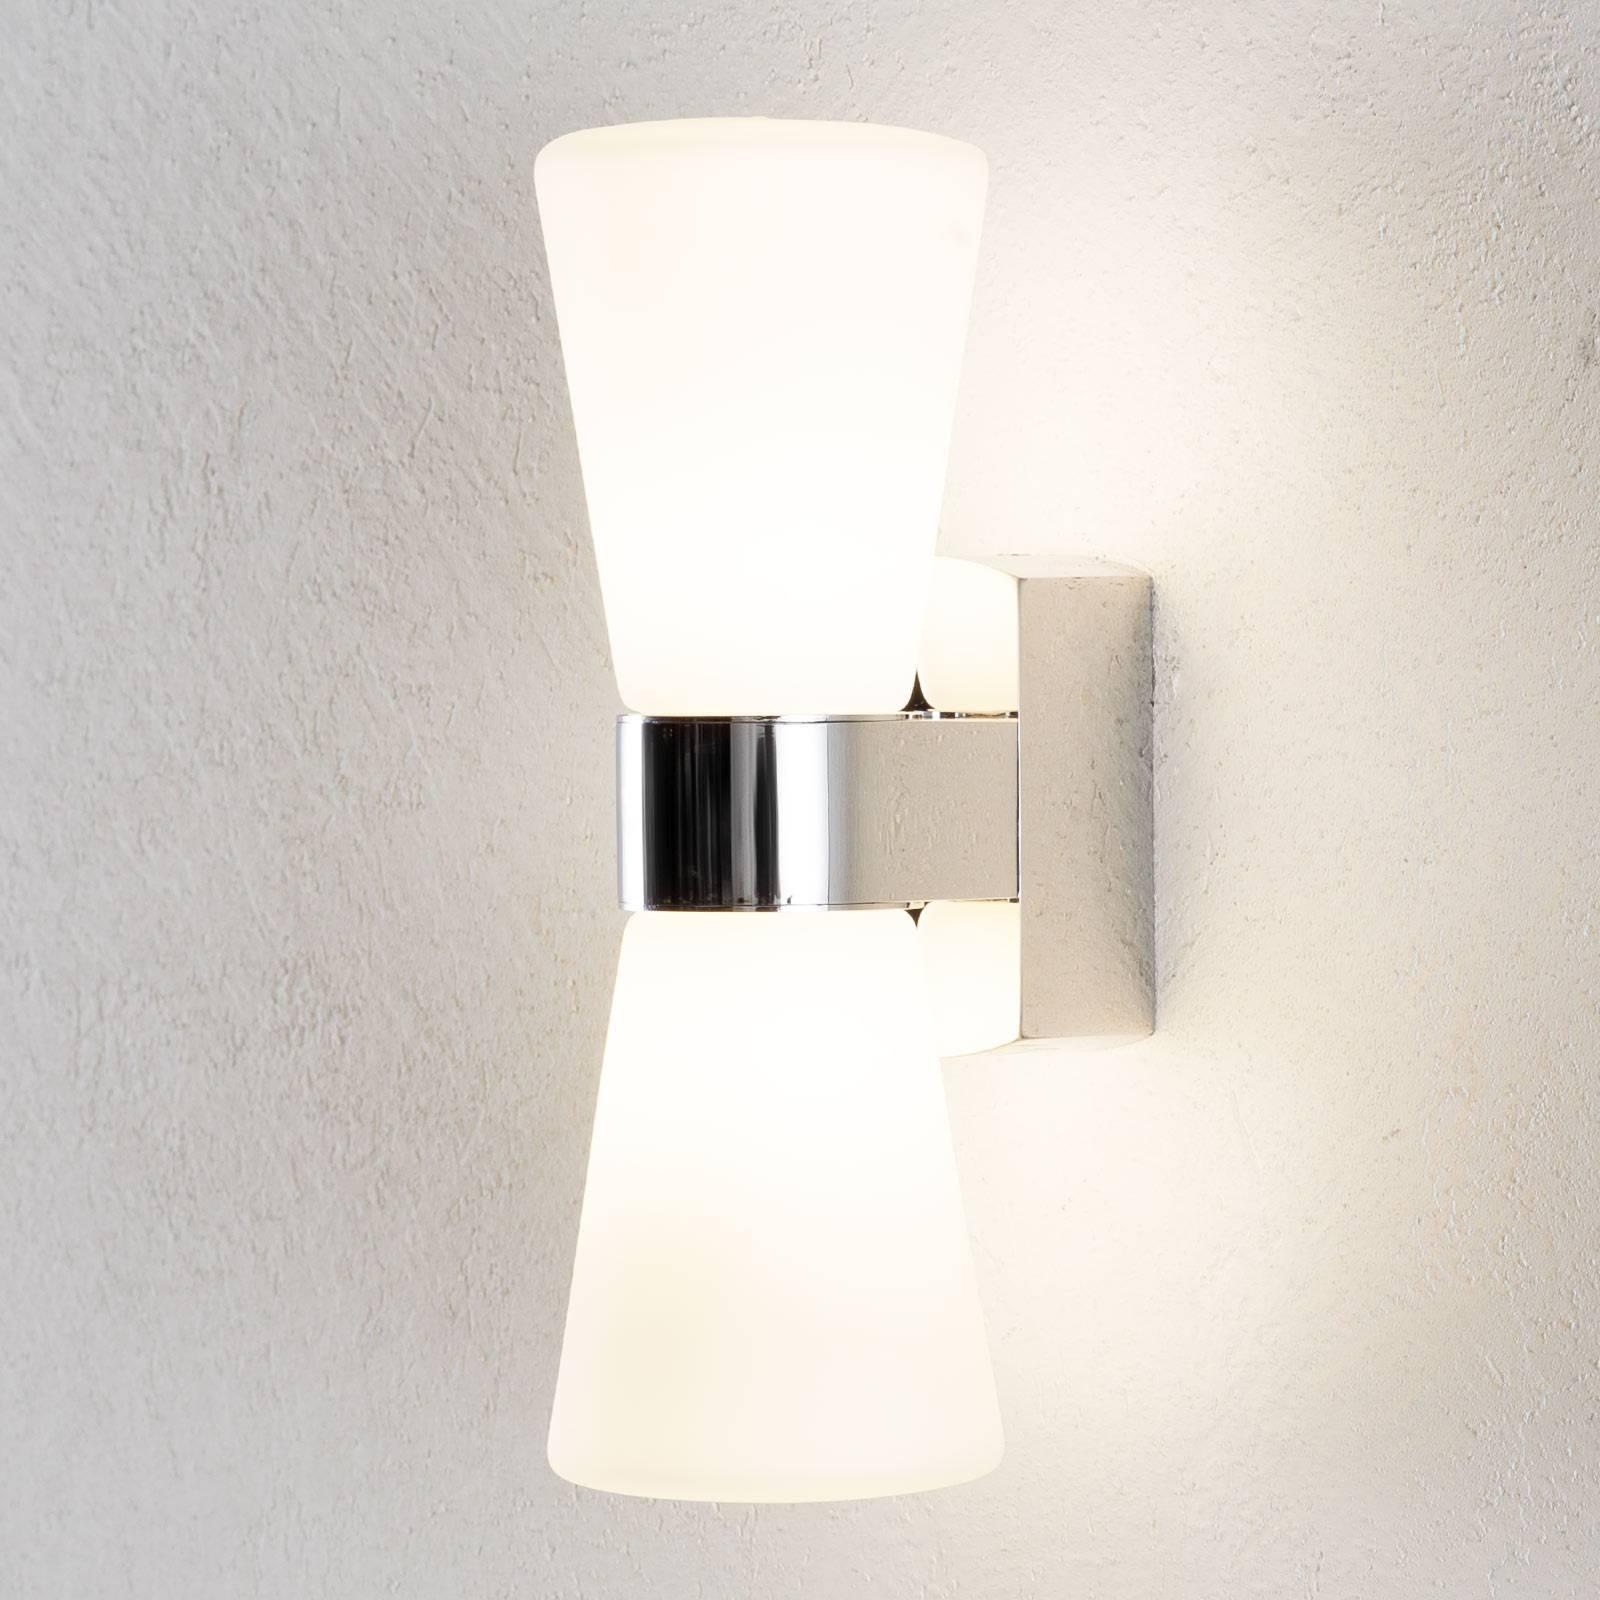 Jolie applique LED Cailin - IP44